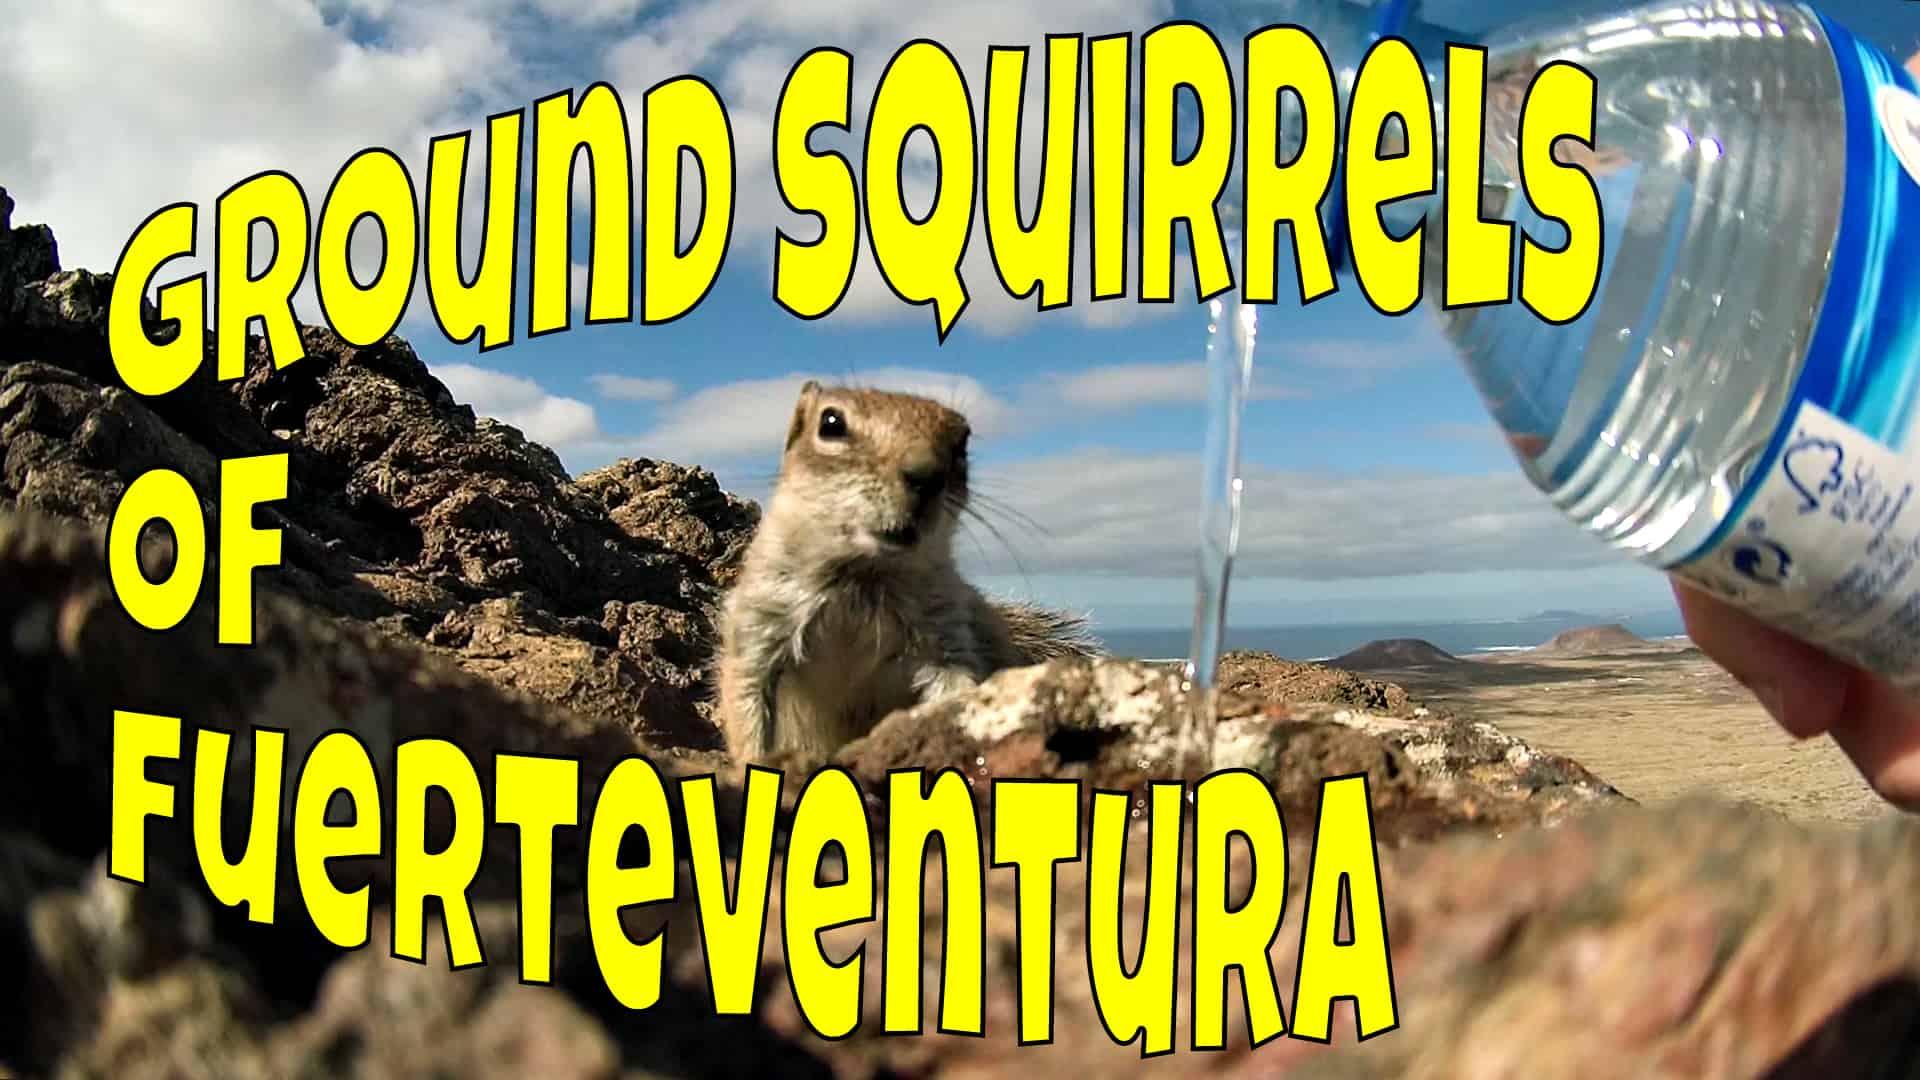 Fuerteventura Ground Squirrels